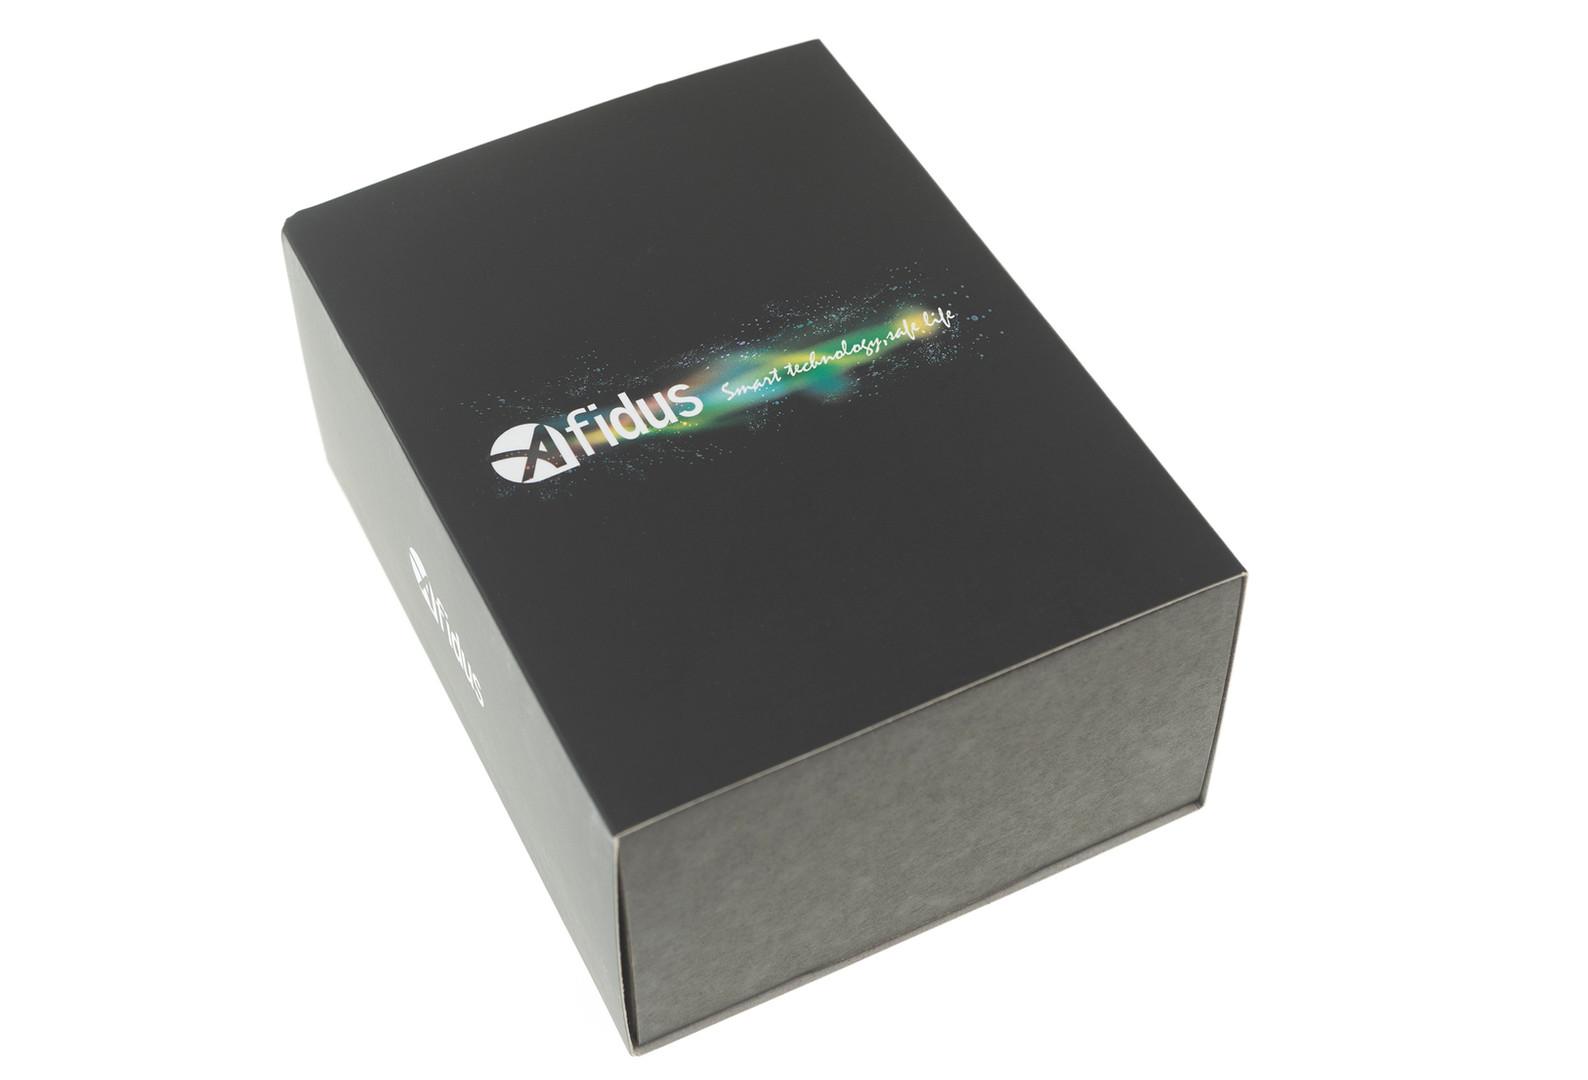 Afidus-Timelapse-Camera-Box.jpg